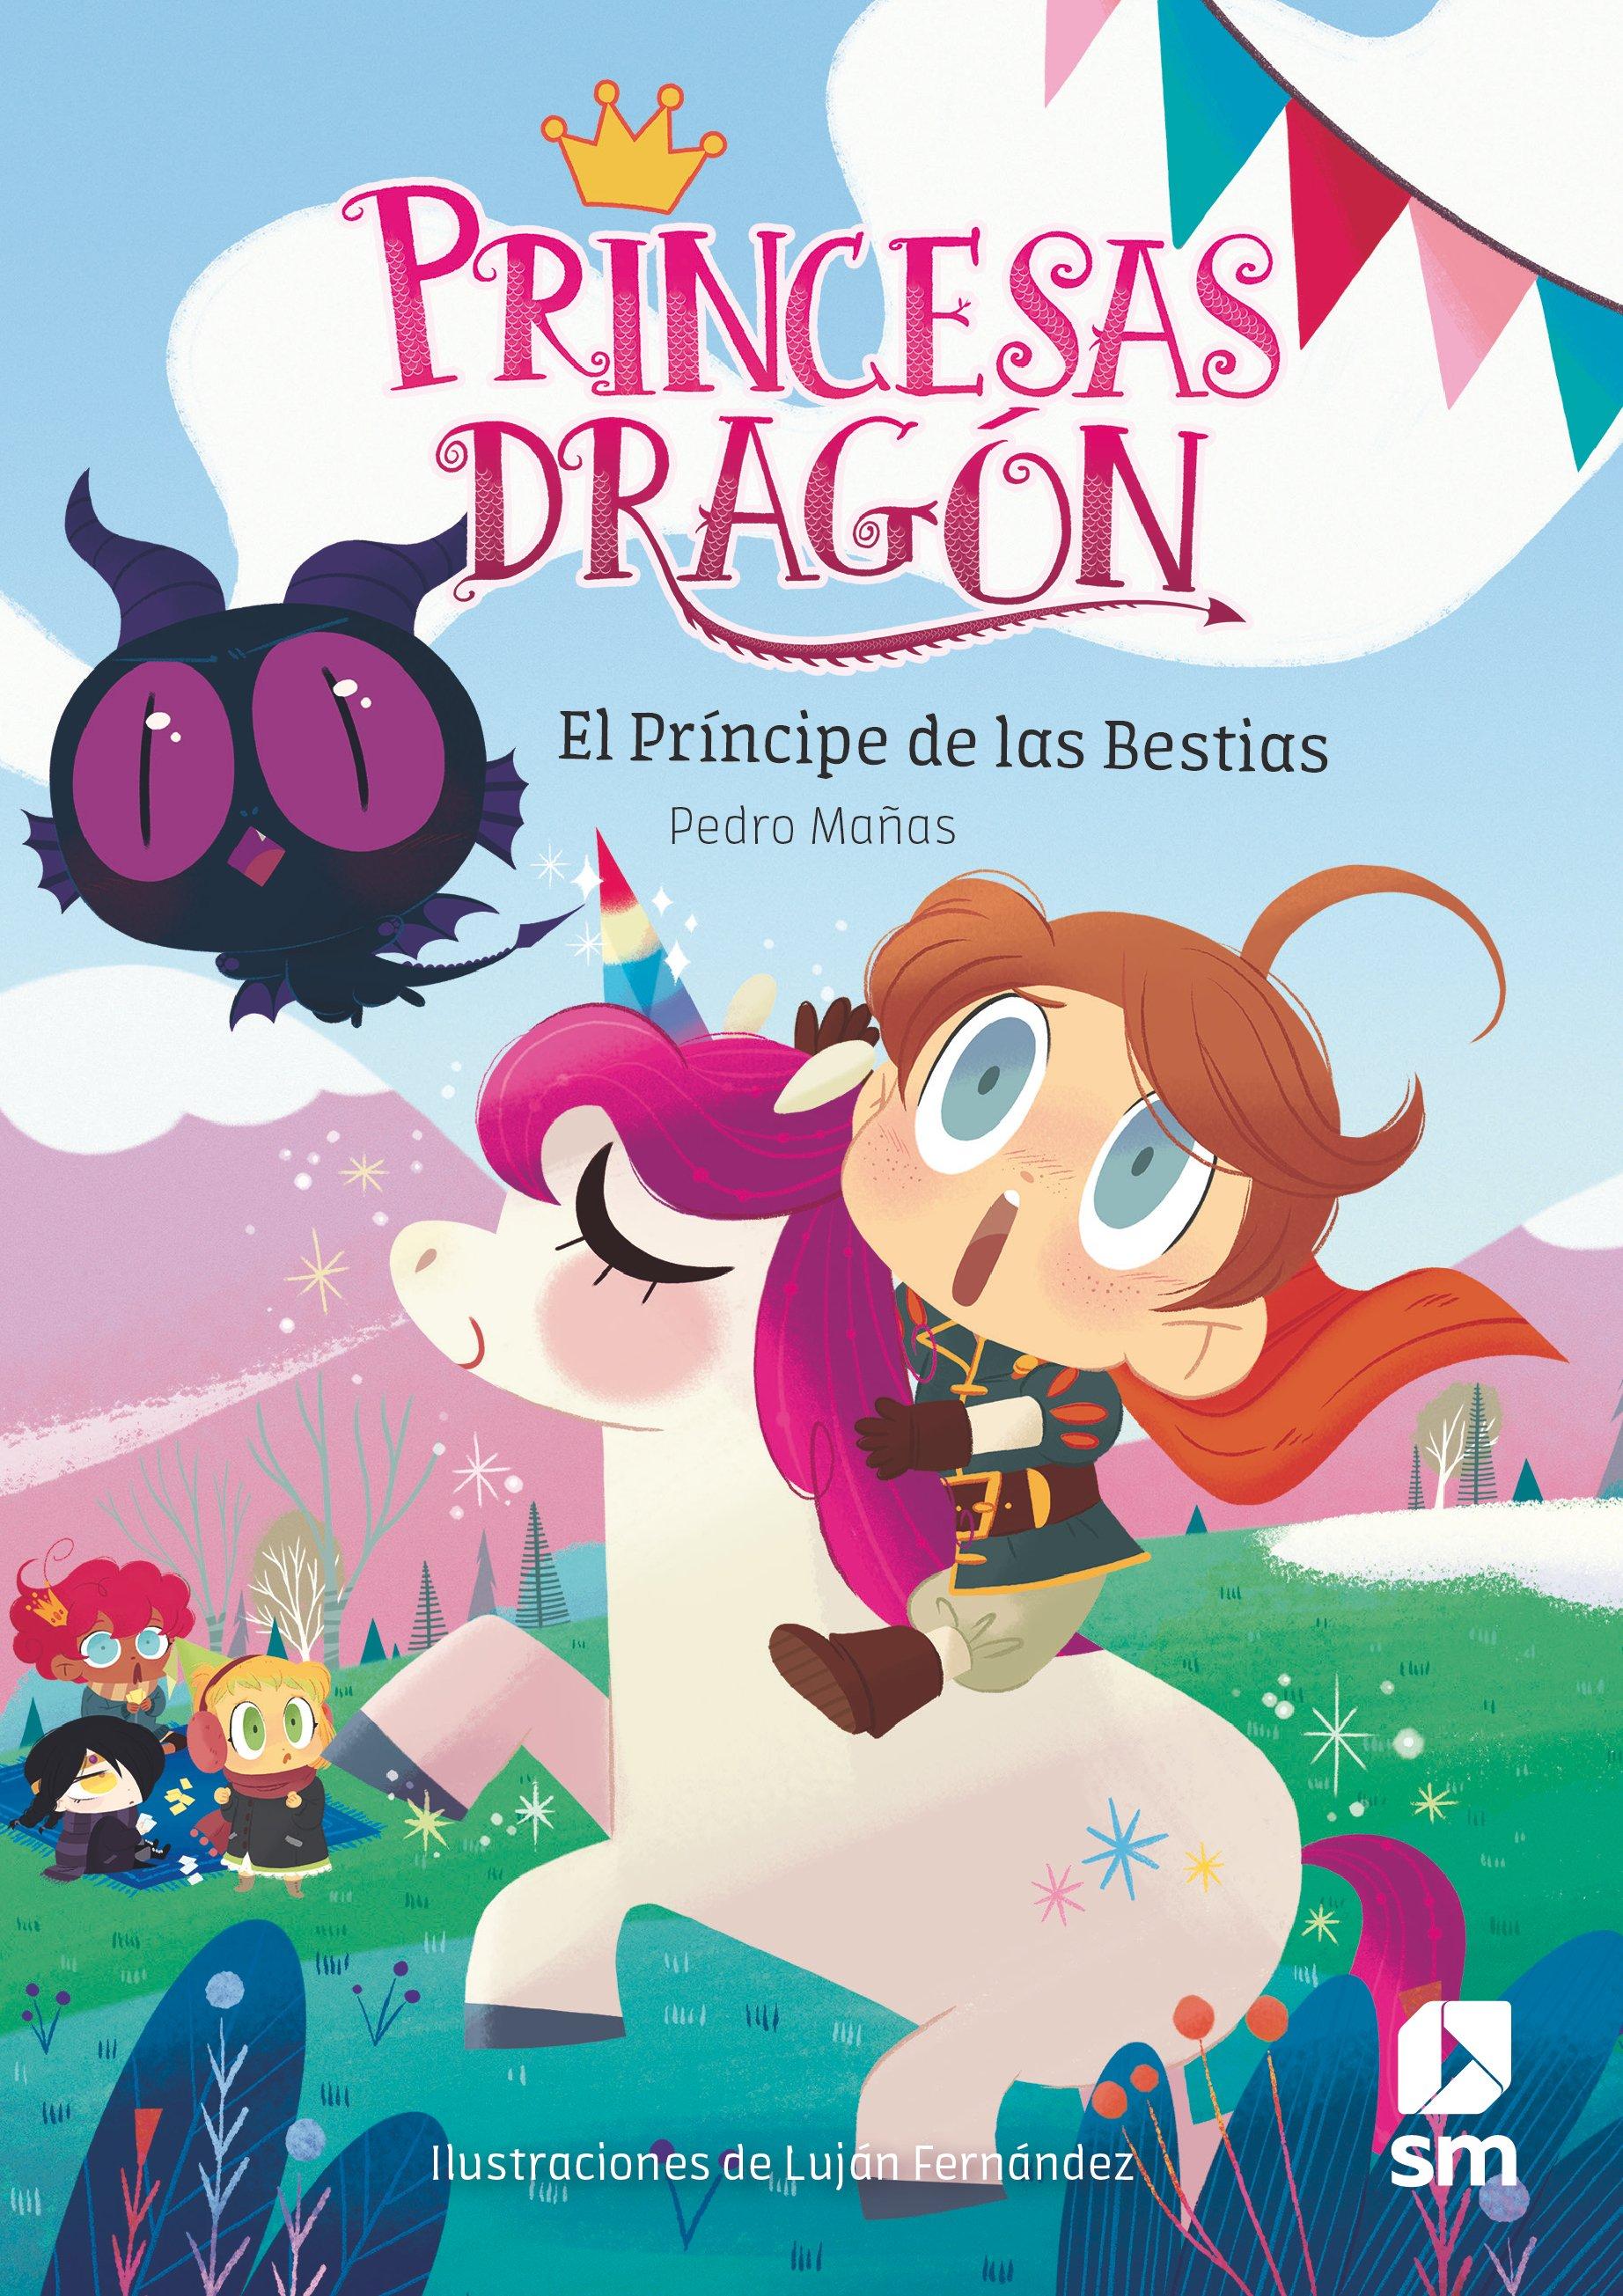 princesas dragón 8: el príncipe de las bestias-pedro mañas romero-9788491824534